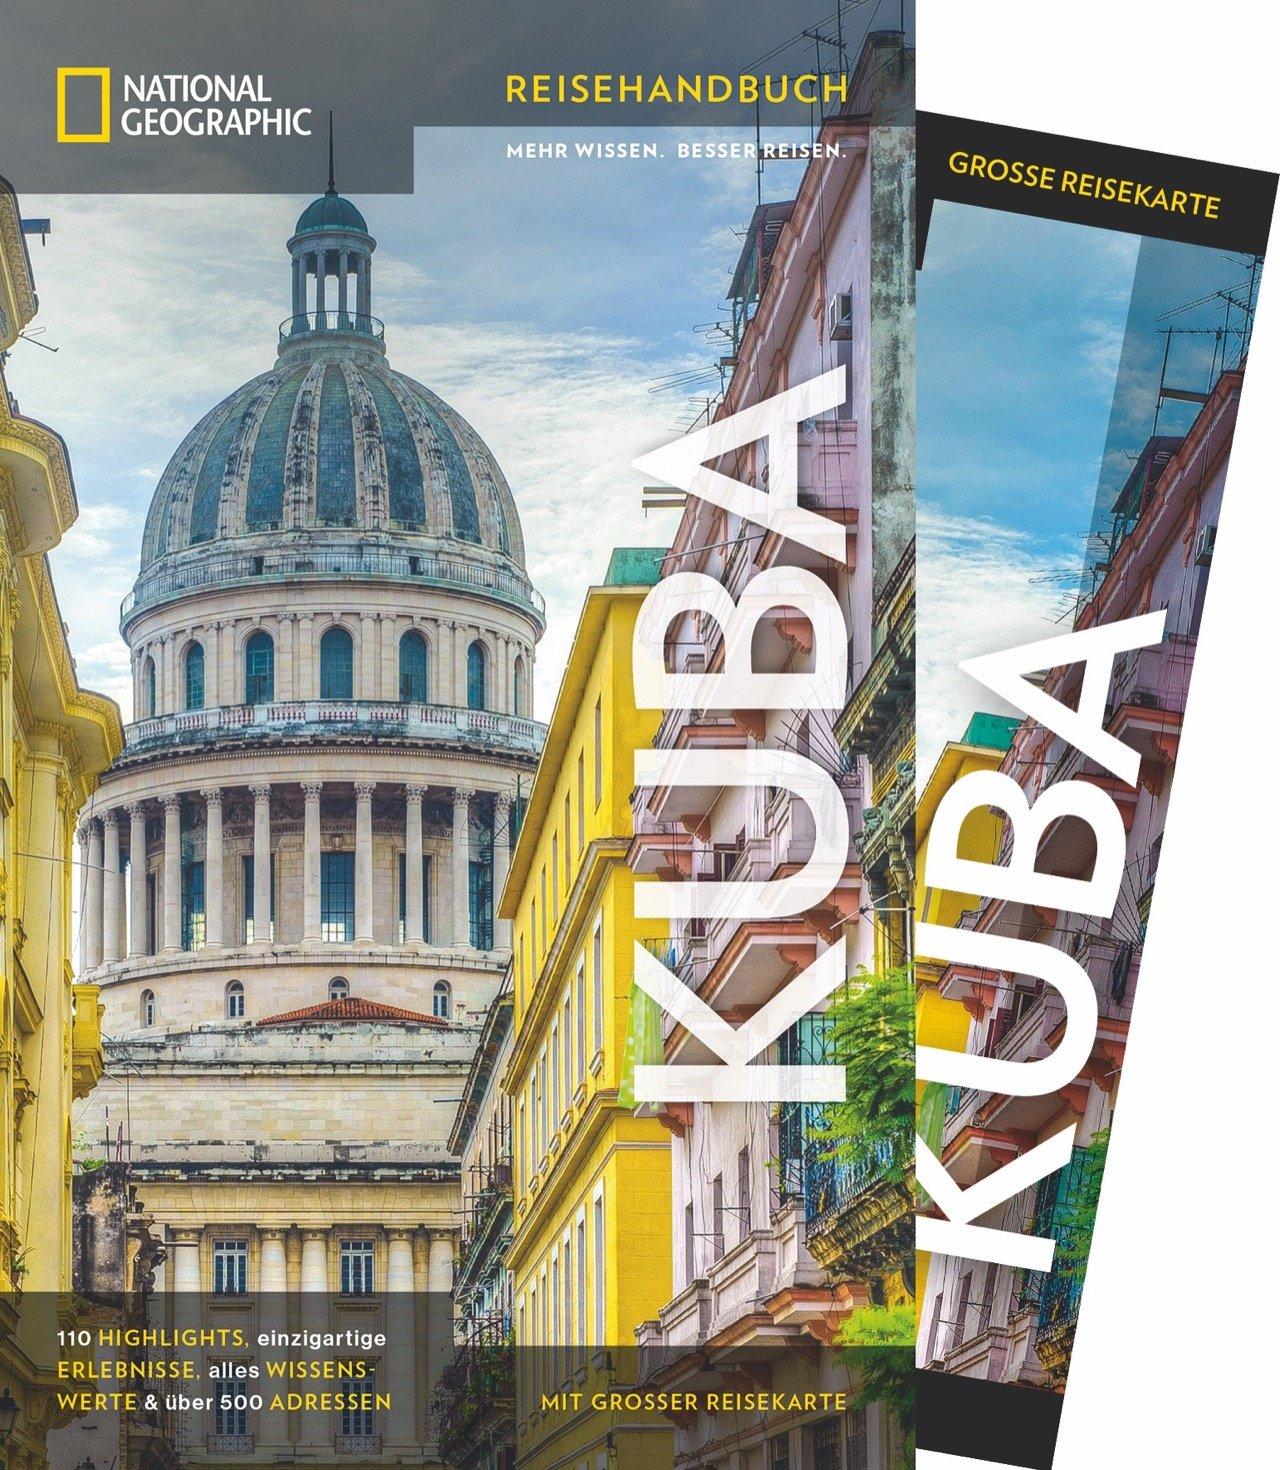 NATIONAL GEOGRAPHIC Reisehandbuch Kuba: Der ultimative Reiseführer mit über 500 Adressen und praktischer Faltkarte zum Herausnehmen für alle Traveler. NEU 2018